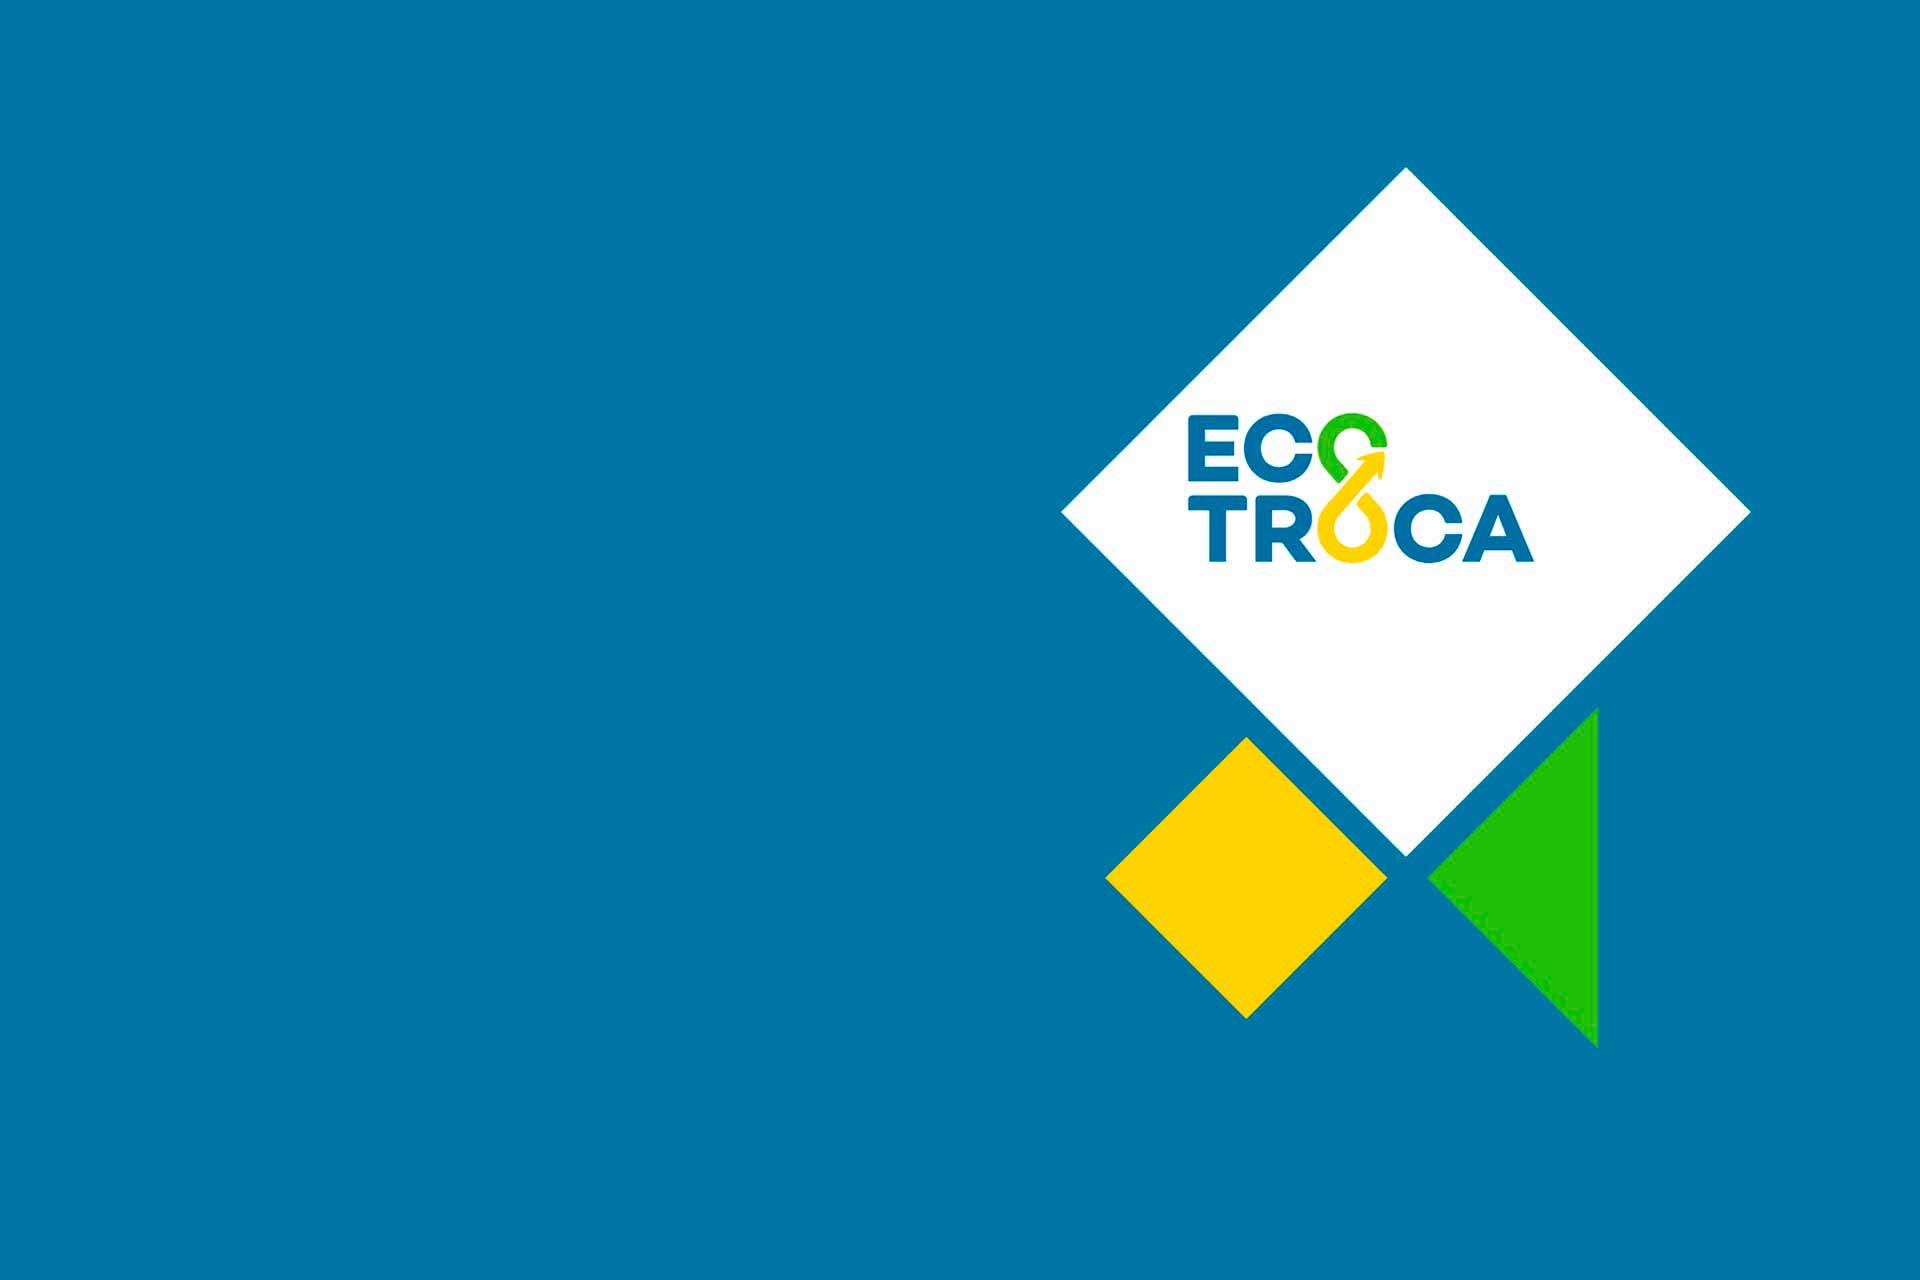 ECOTROCA